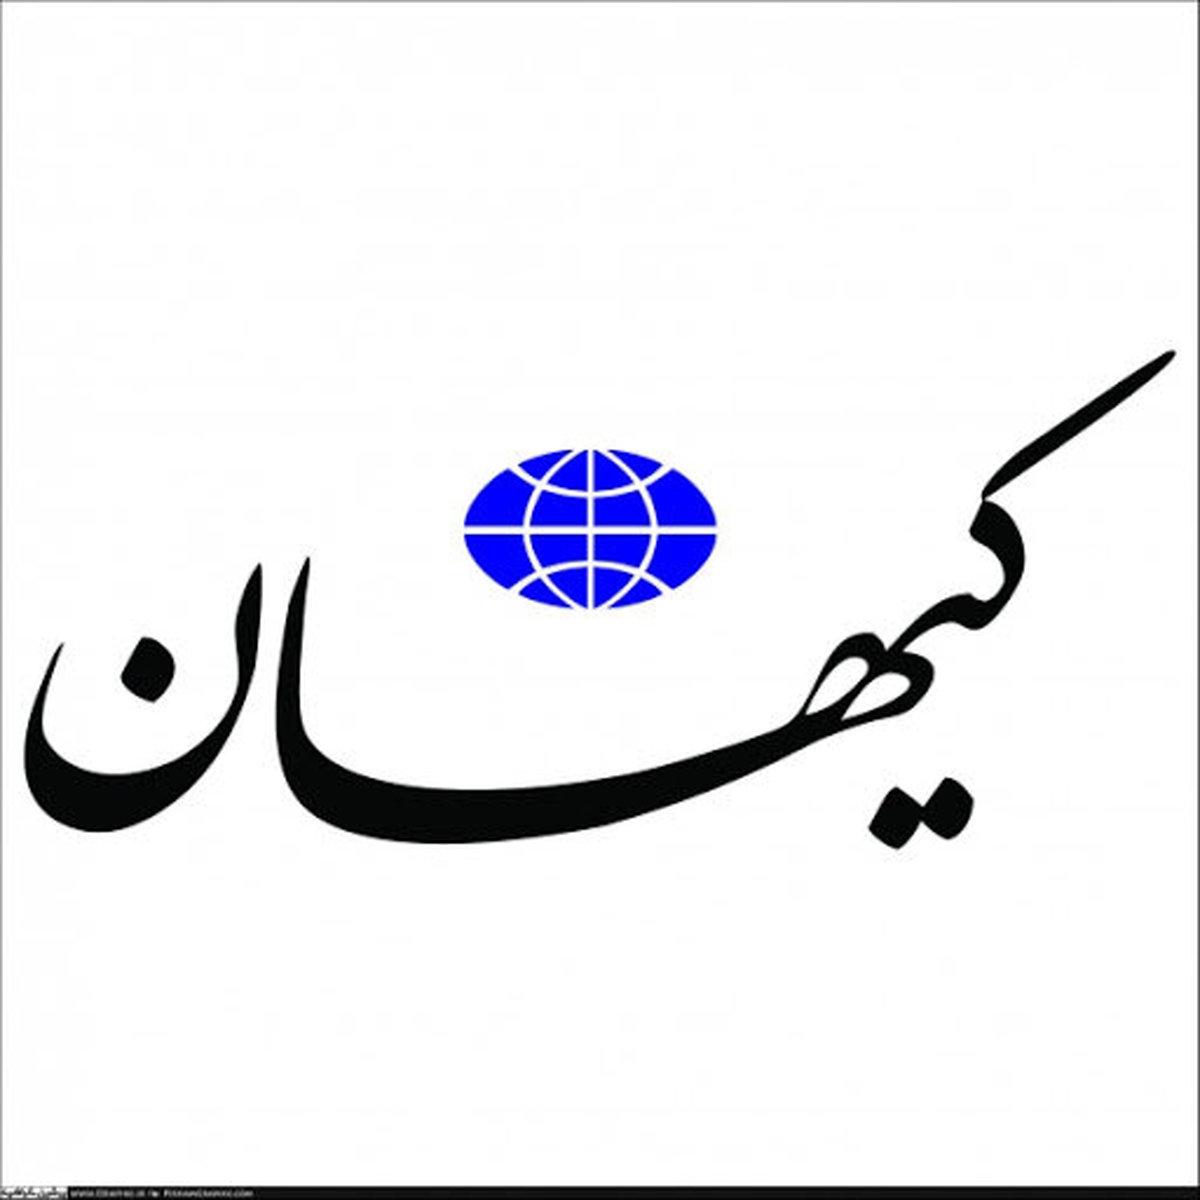 کیهان: عدهای به دنبال گذار از جمهوری اسلامی به حکومت اسلامی هستند